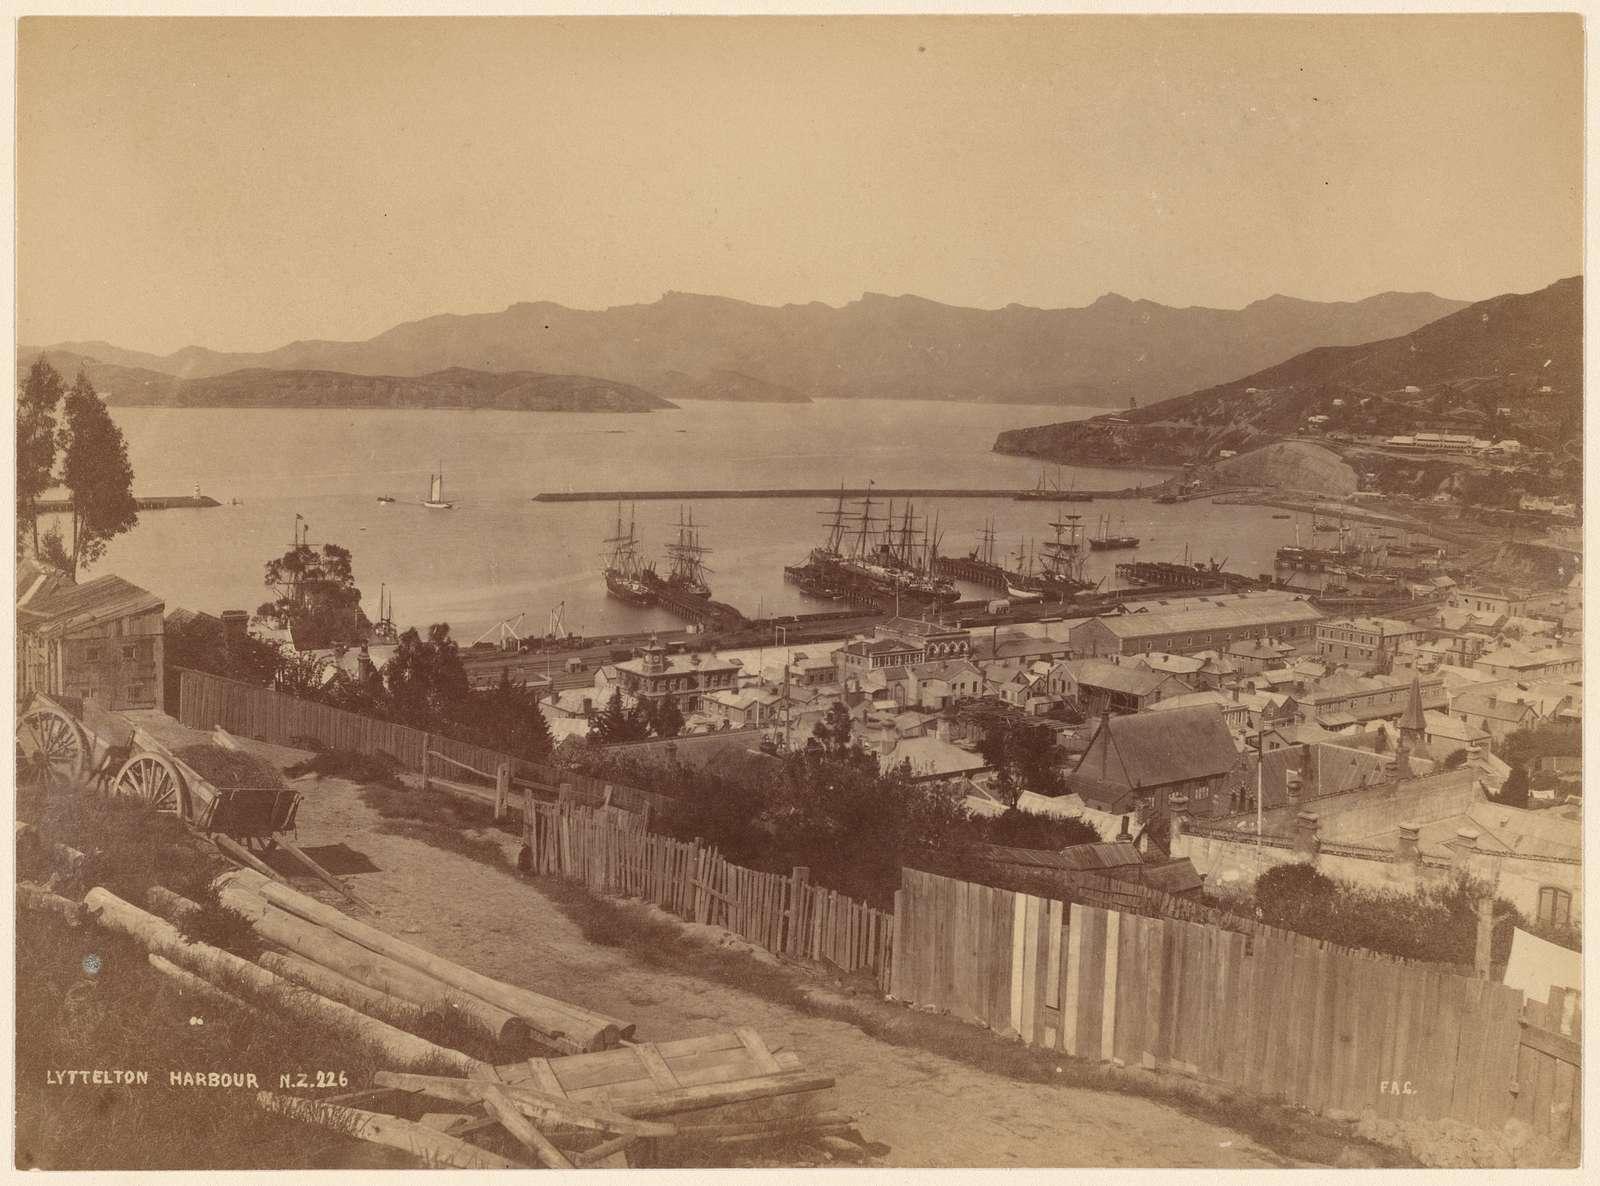 Lyttelton Harbour, N. Z.